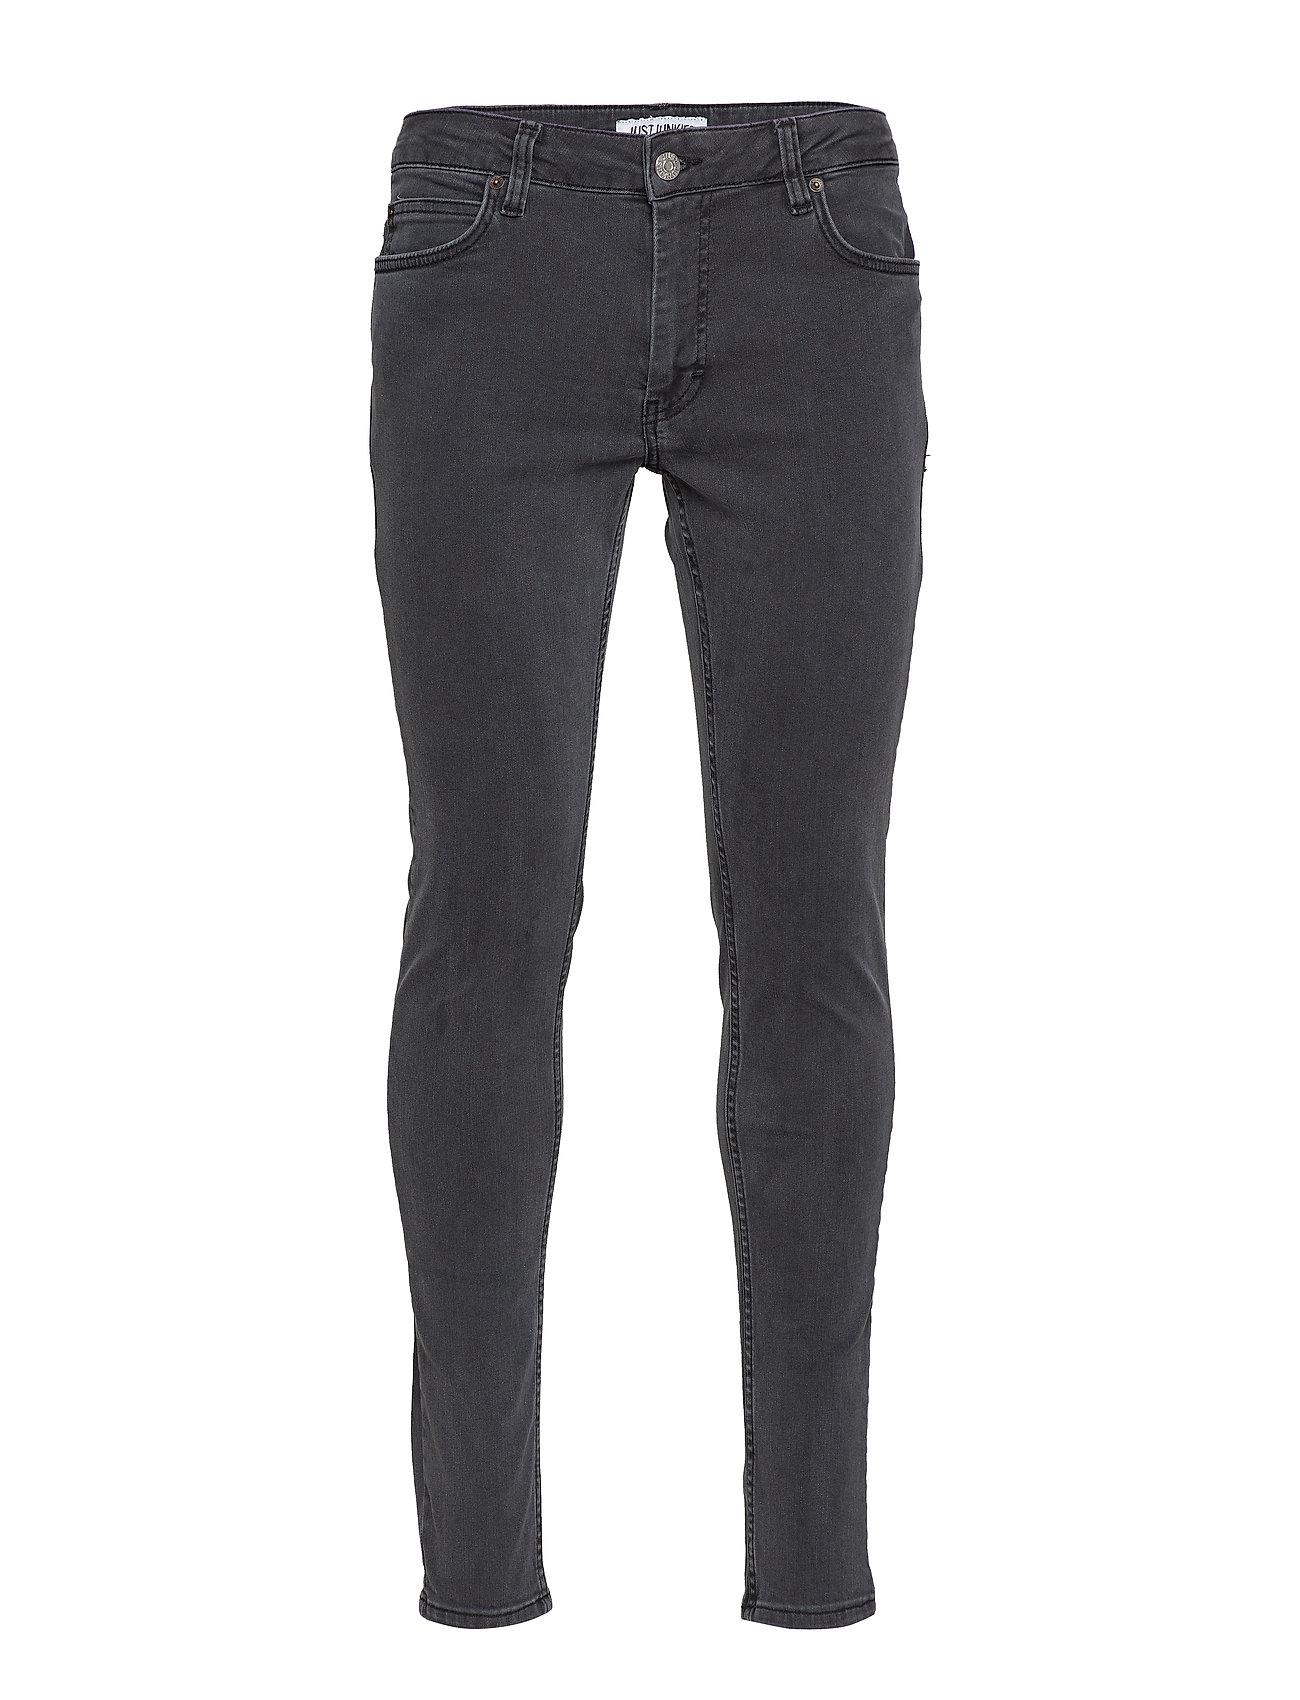 Image of Max Plain Grey Skinny Jeans Sort JUST JUNKIES (3110999267)